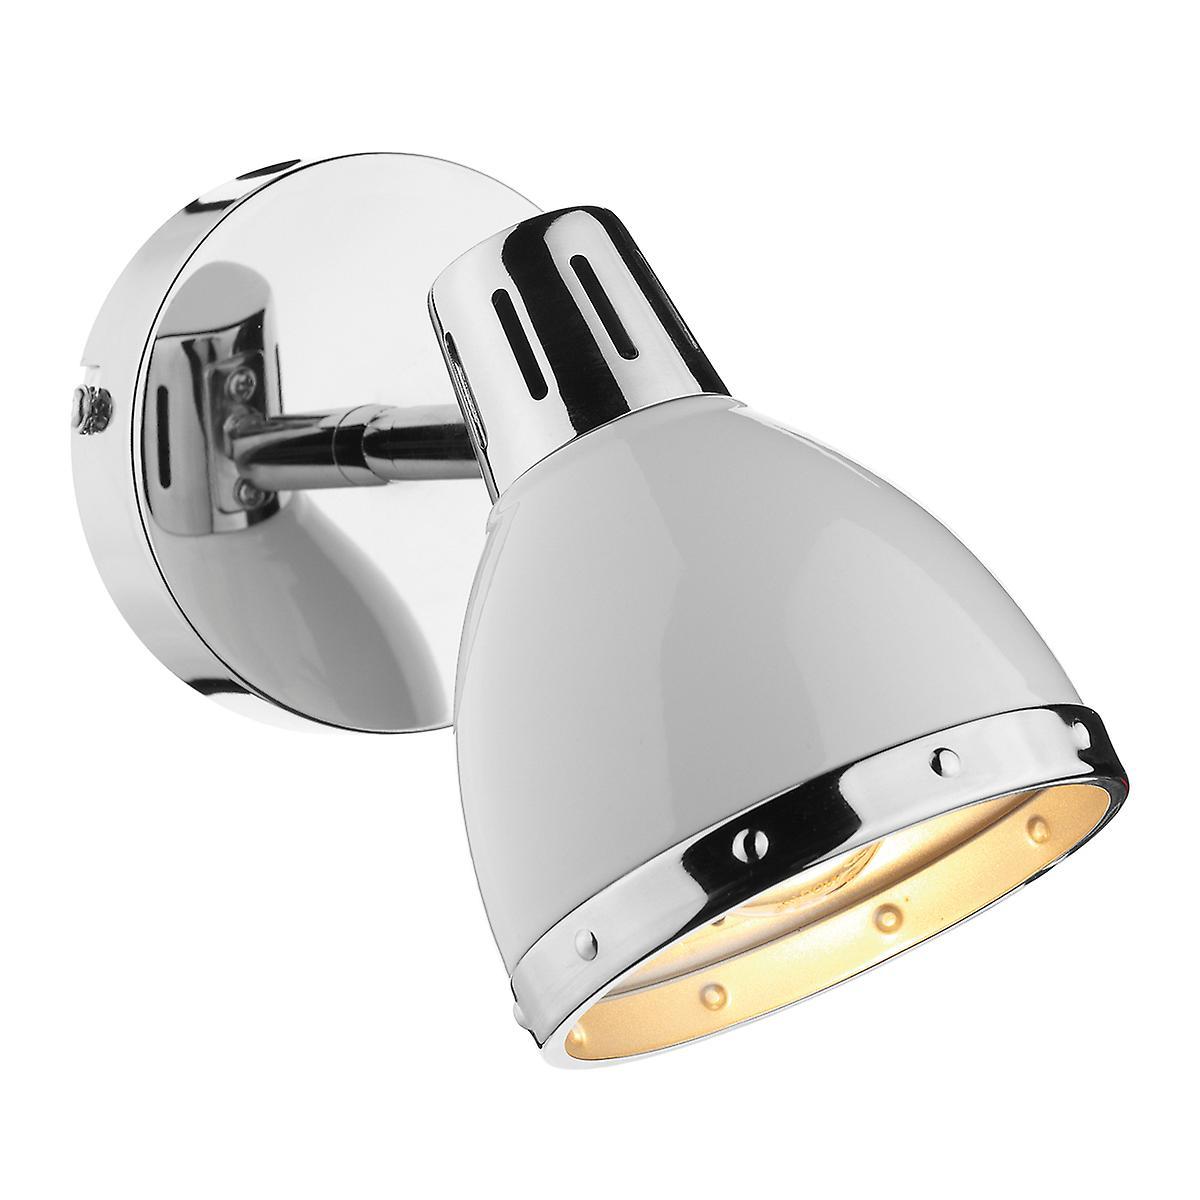 Dar OSA072 Osaka Modern Single Spot Light In A White/Chrome Finish